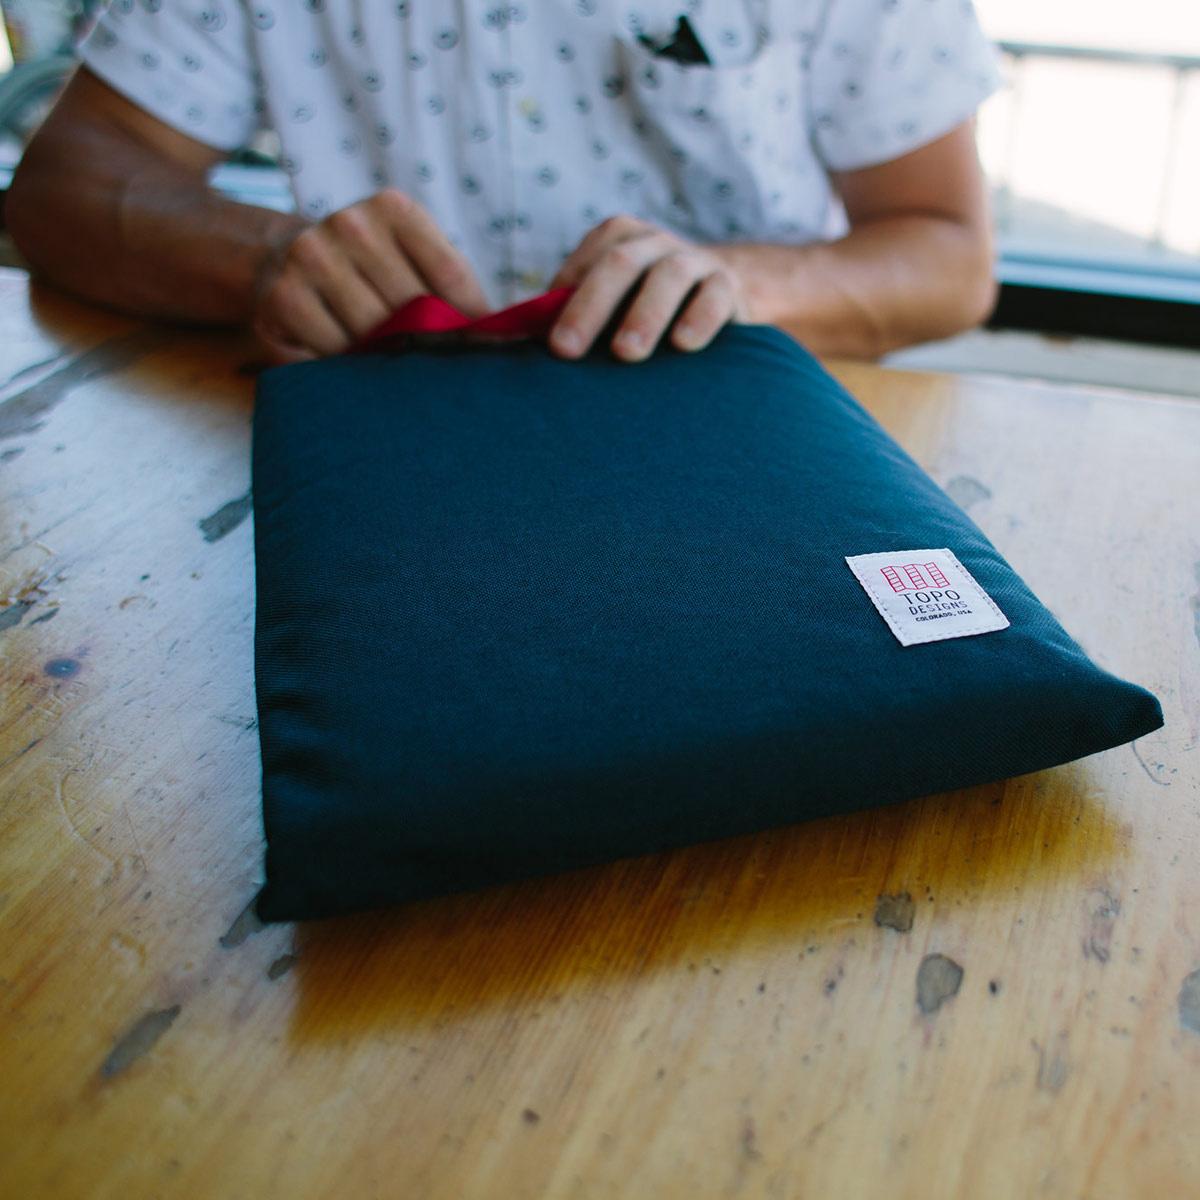 Topo Designs Laptop Sleeve Olive, altijd je laptop en accessoires veilig bij de hand